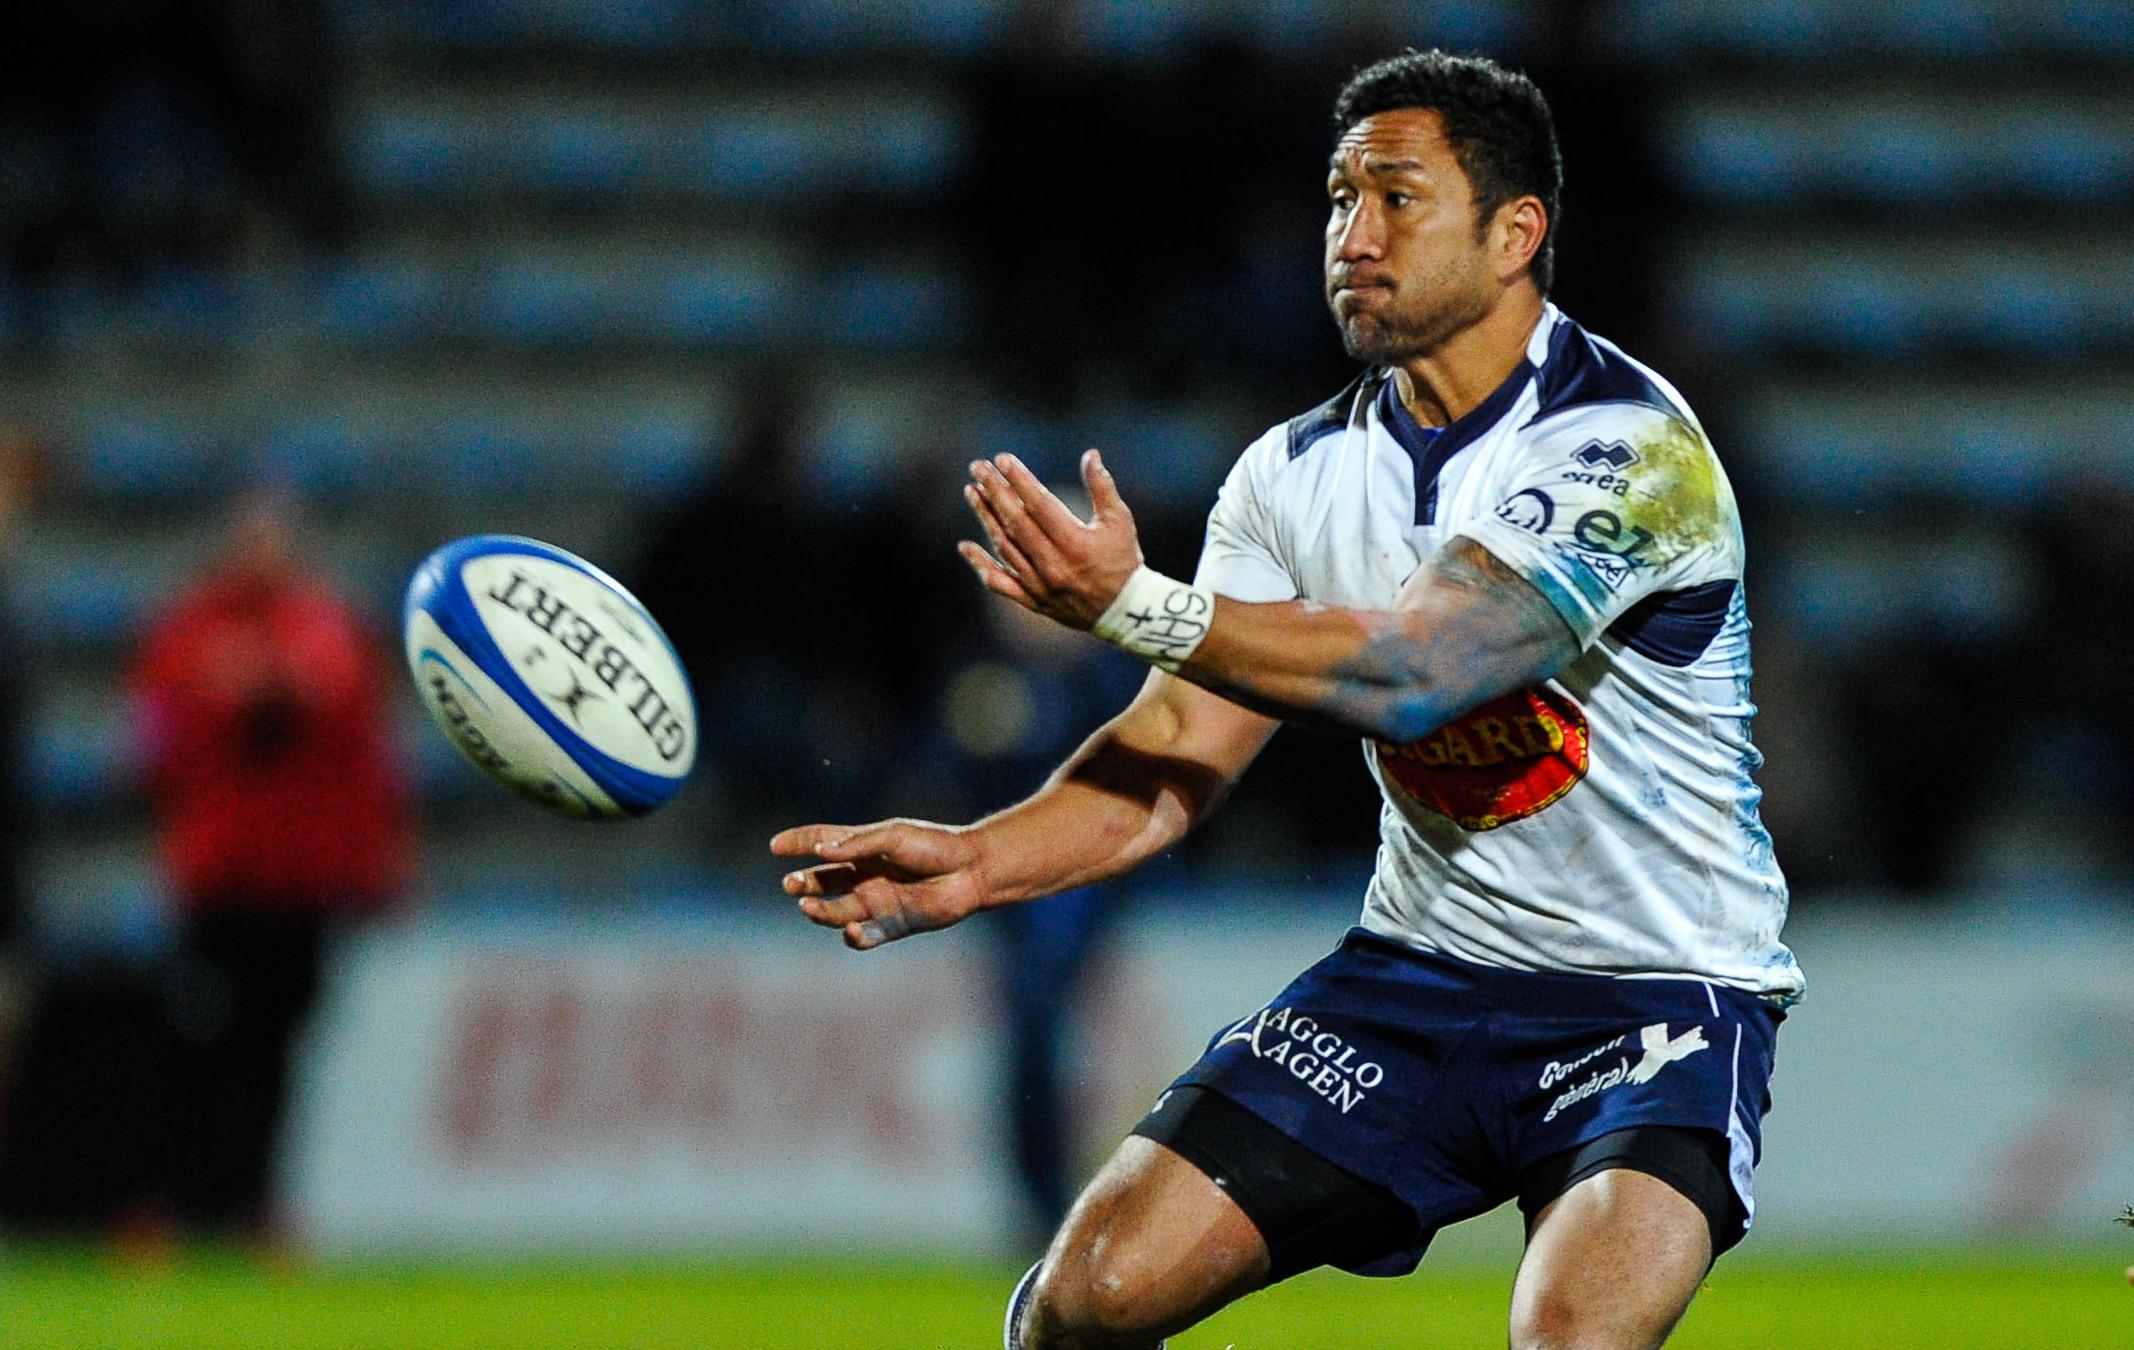 Rugby - Pro D2 - Pro D2 : Narbonne et Dax se donnent de l'air, Agen coule